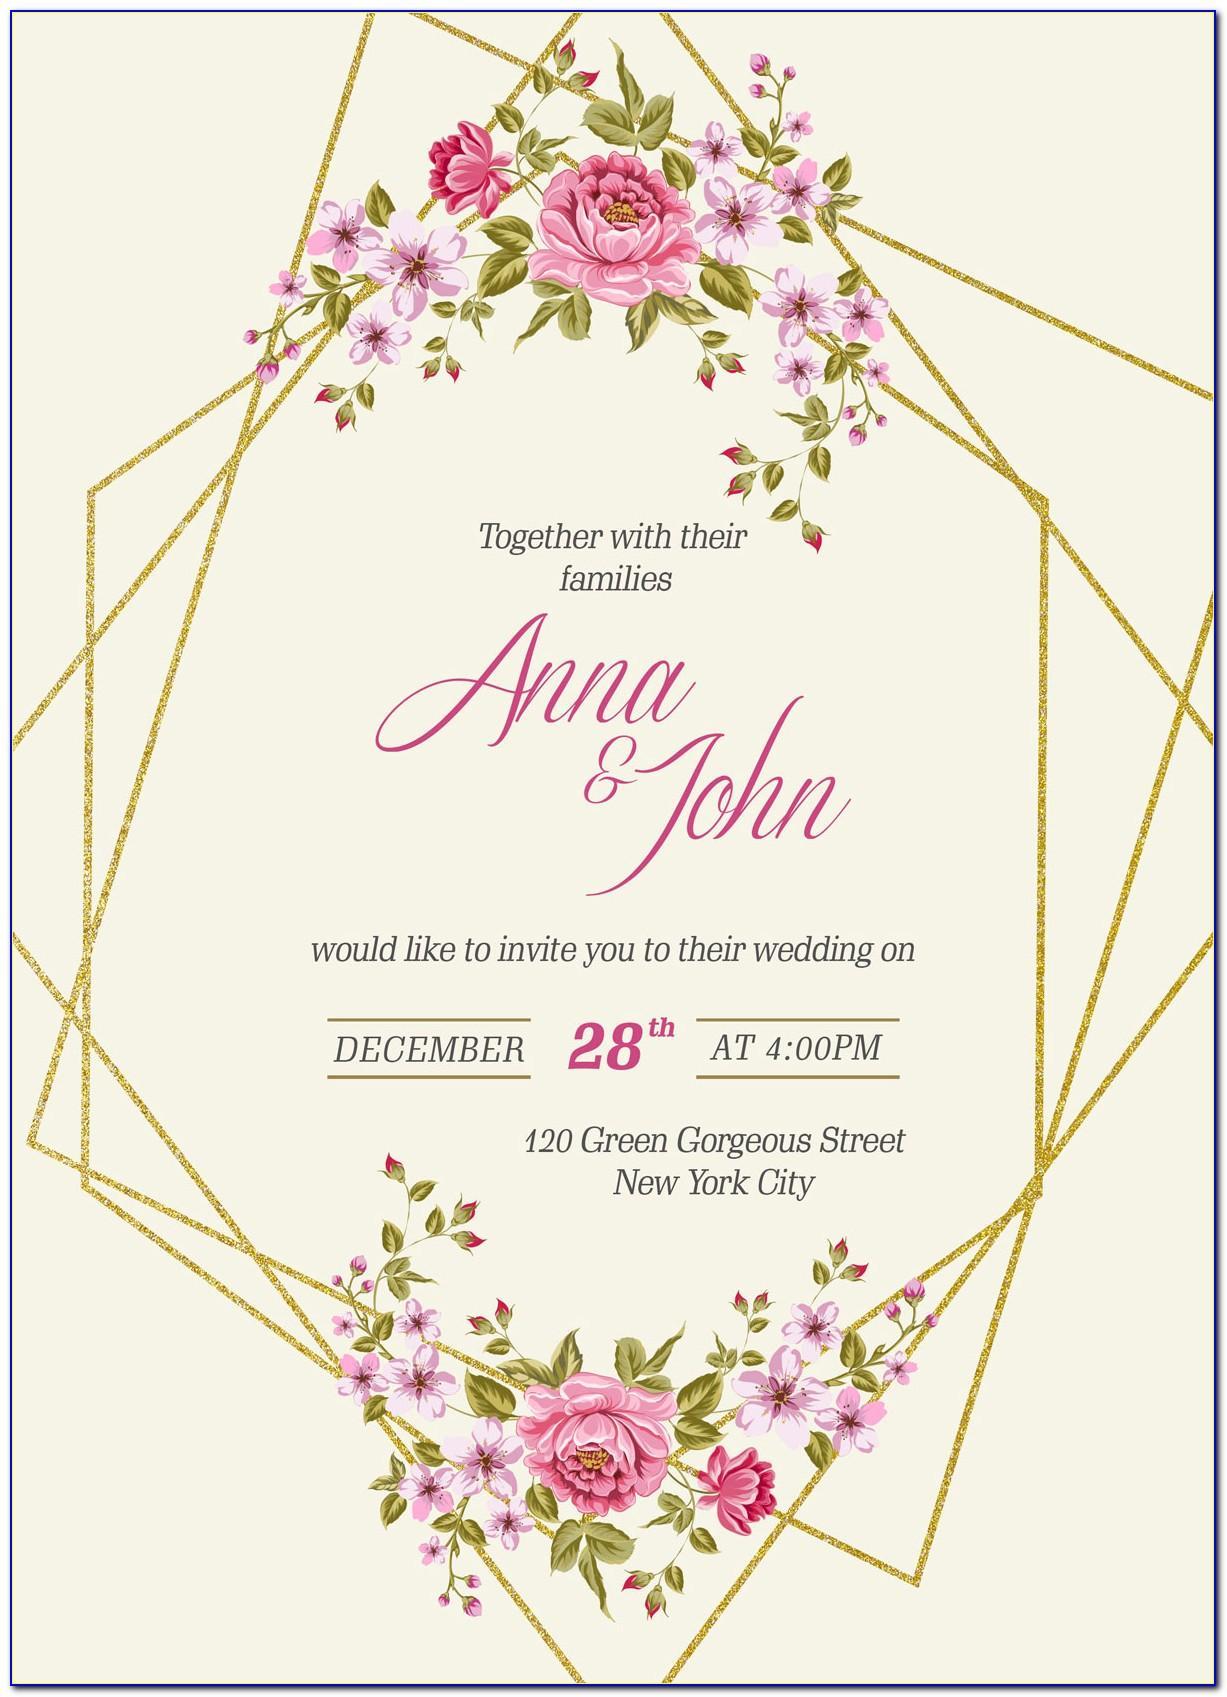 Invitation Card Design Maker Online Free